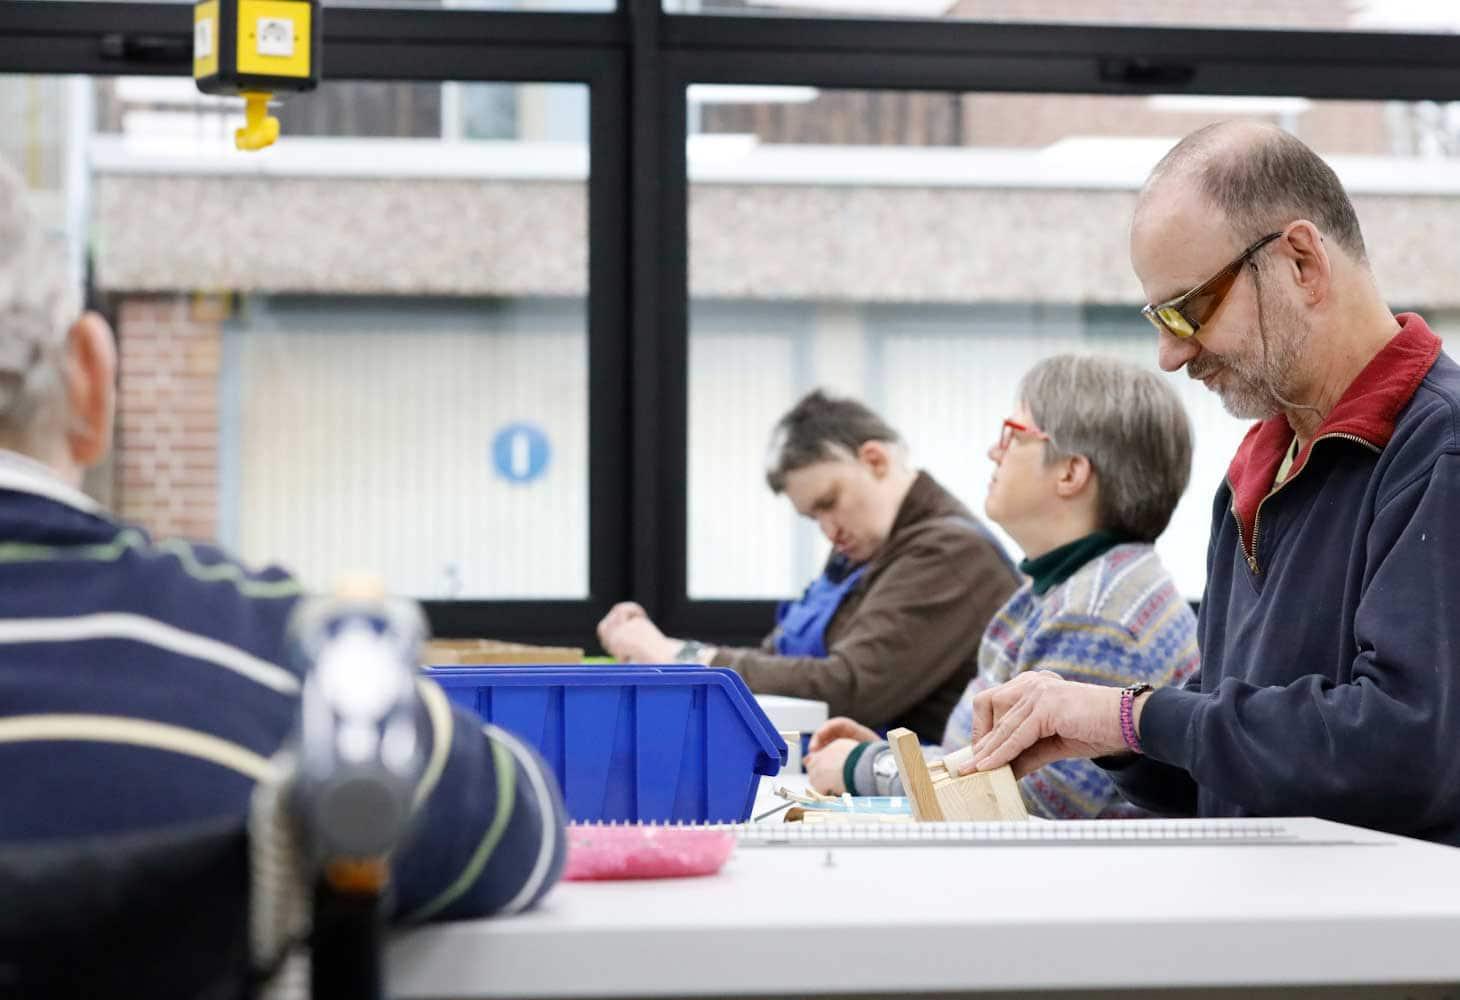 Taubblinde und hörsehbehinderte Menschen sitzen an einem Tisch und arbeiten